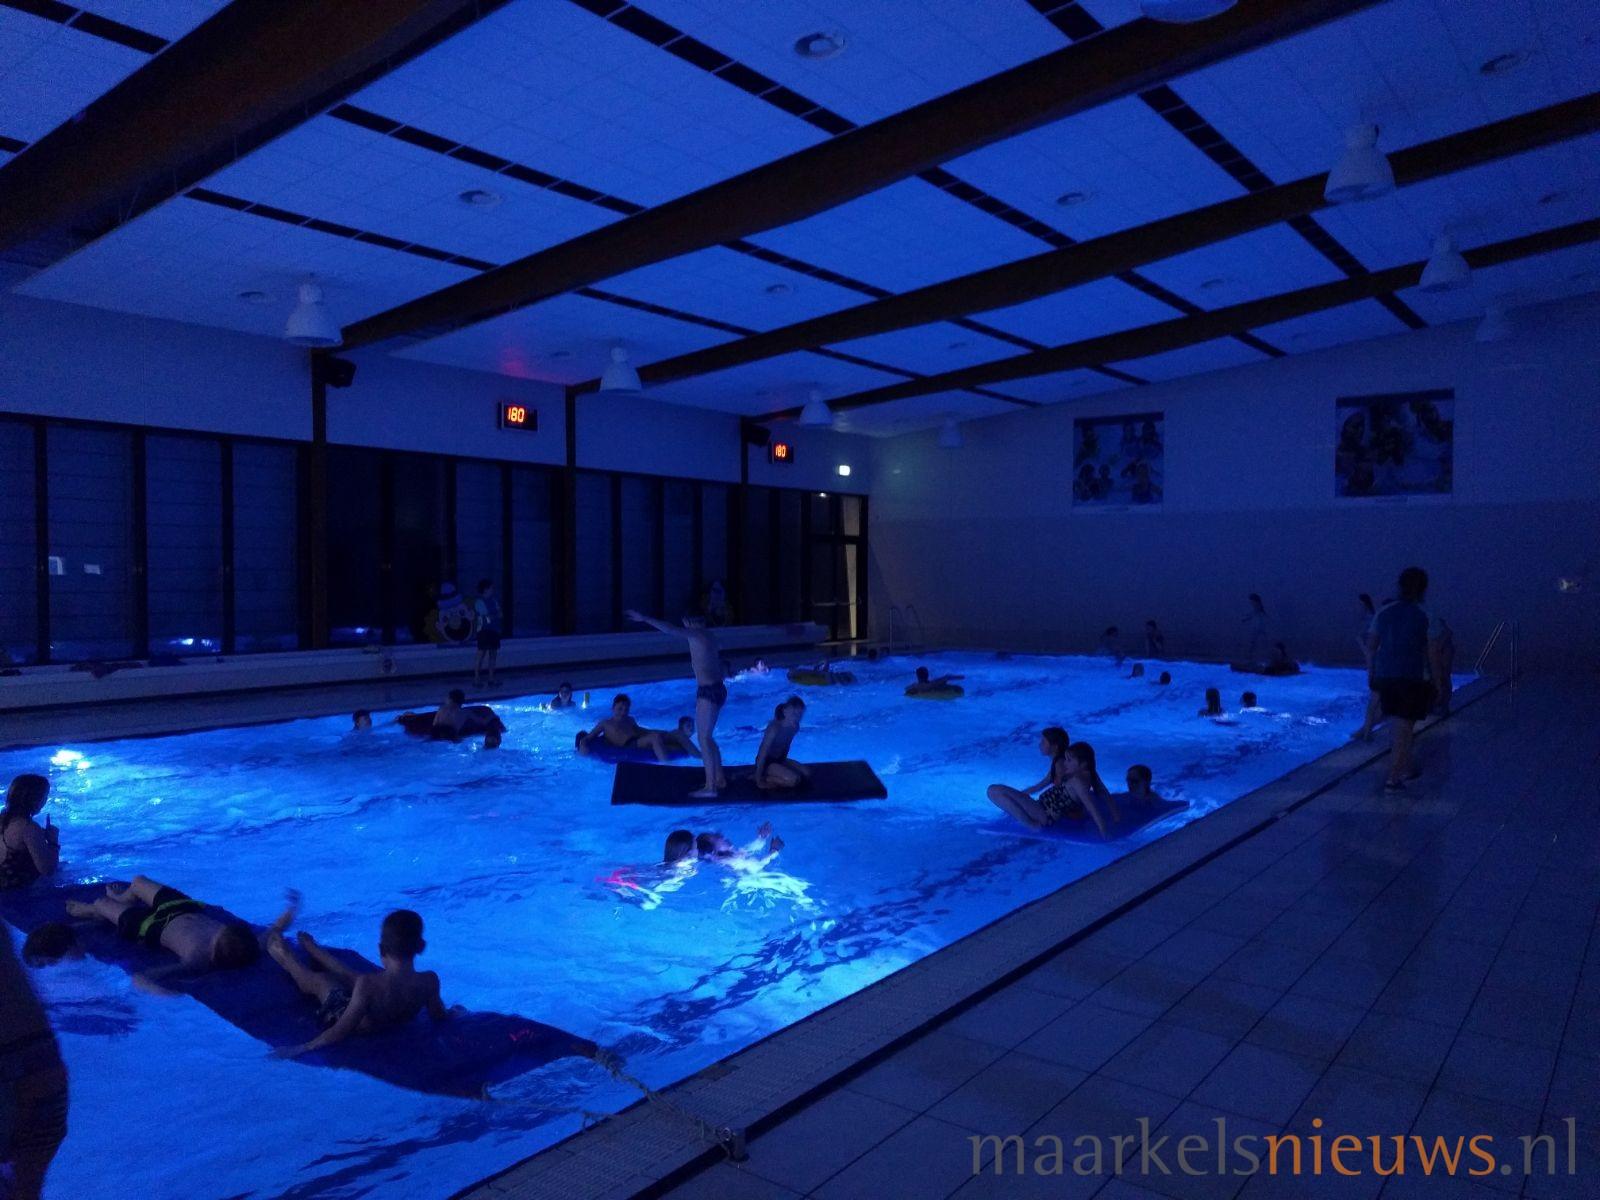 Jeugdactiviteiten in zwembad de vijf heuvels - Zwembad toren in kiezelsteen ...